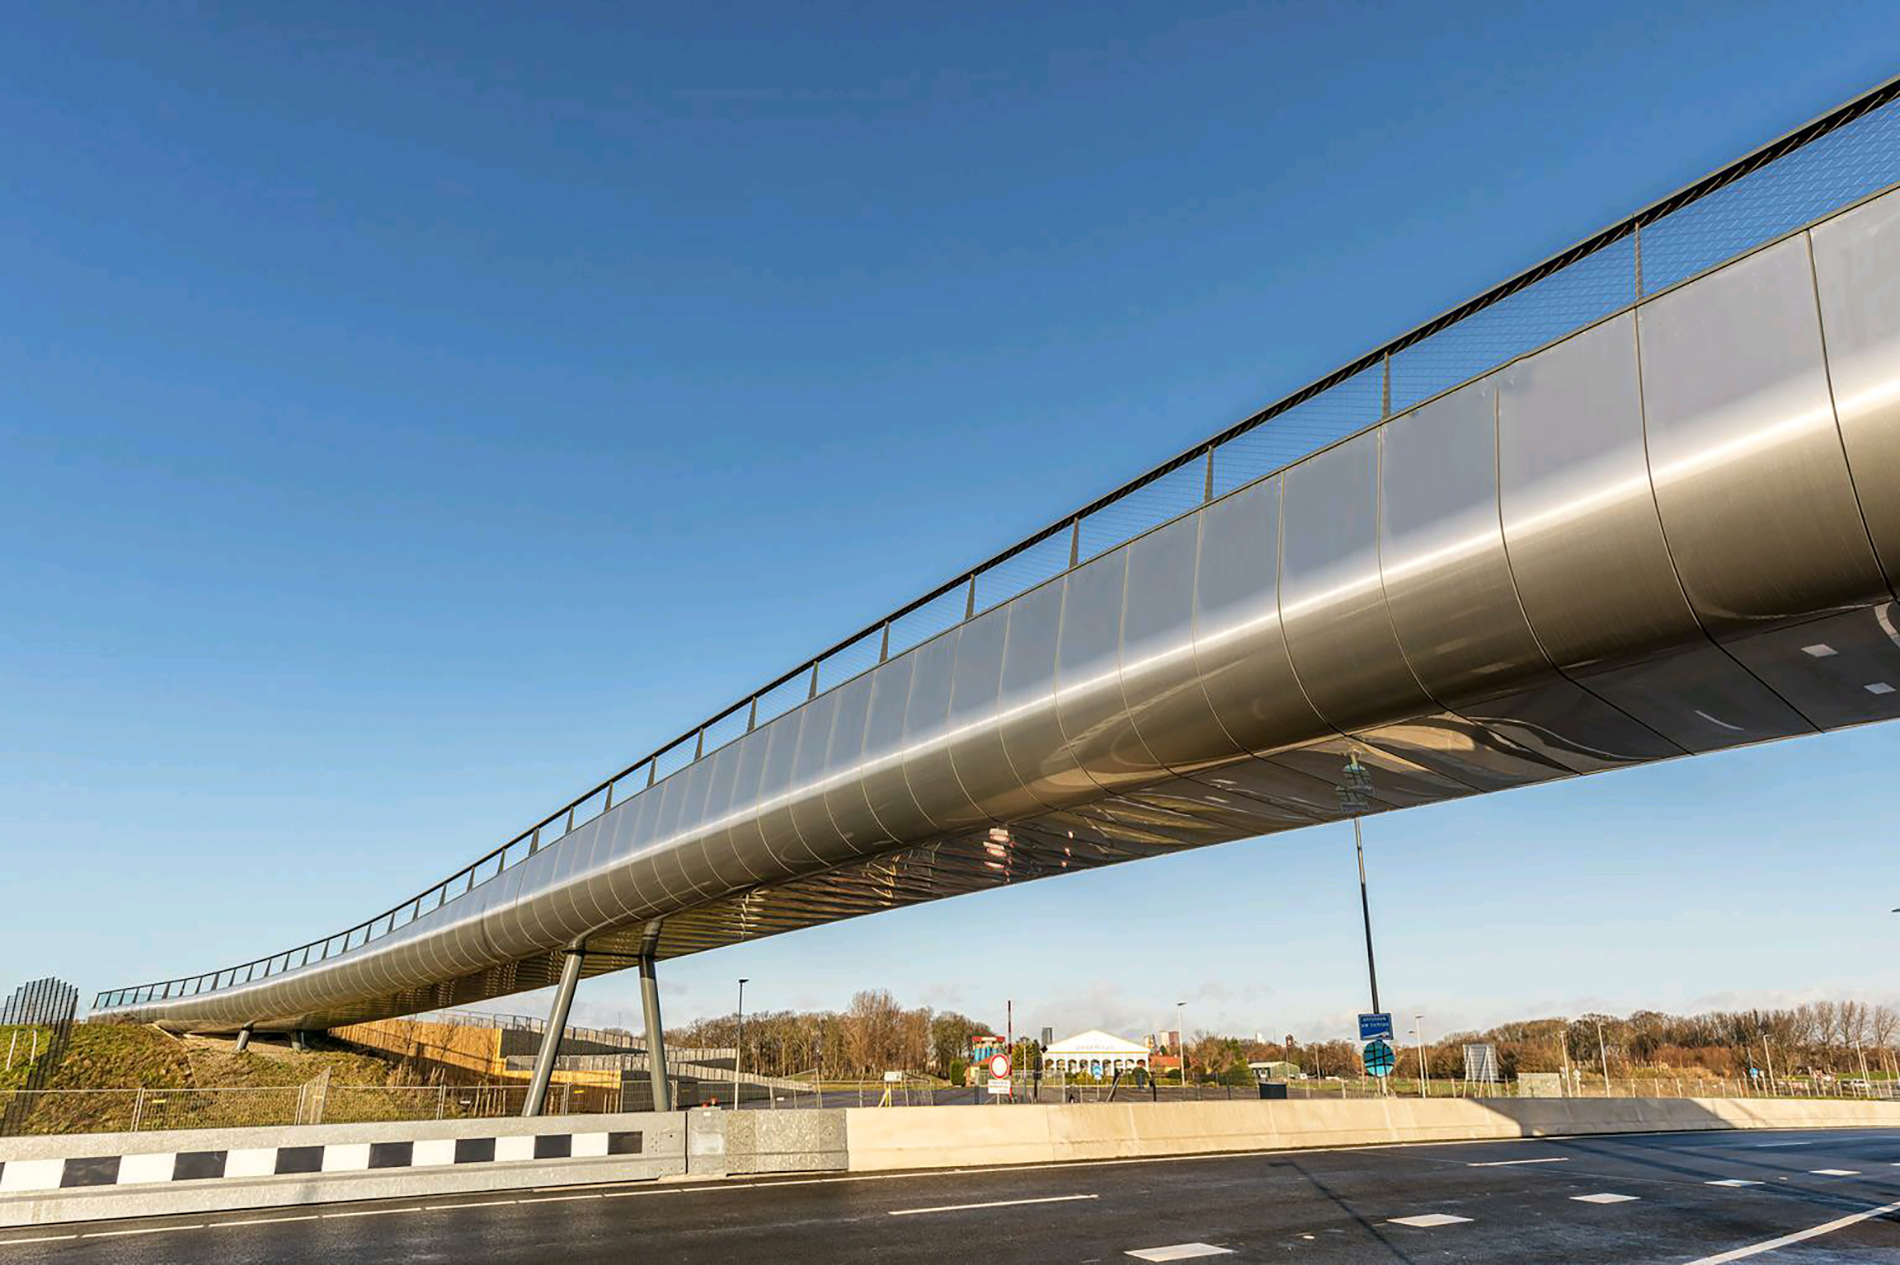 Loopbrug-Drievliet-Bridge-Den-HaagNL-larson-FR-6mm-Alunatur-bright-TL_1_1622637003.jpg